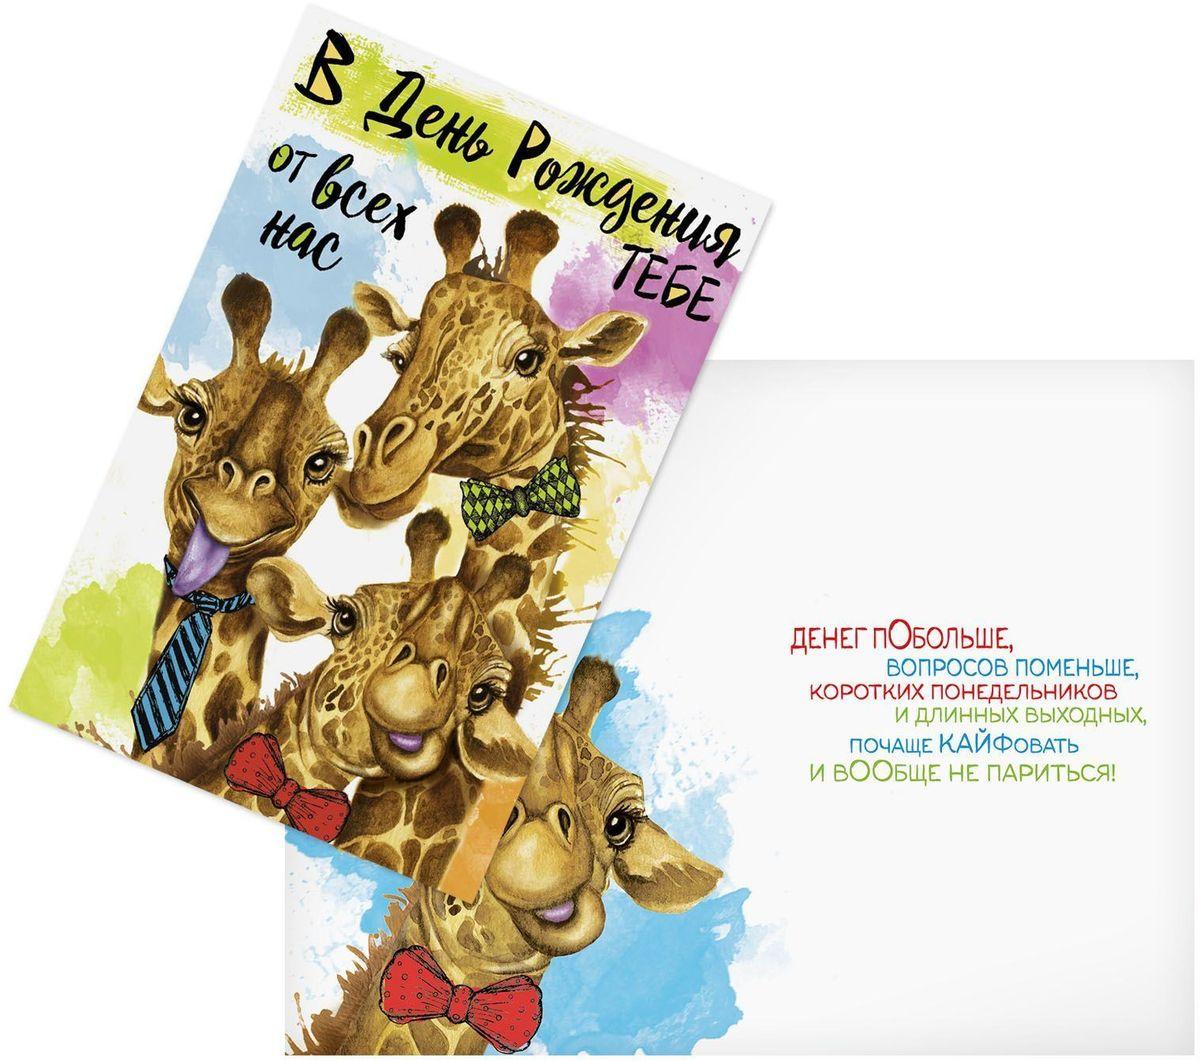 Открытка Дарите cчастье От всех нас, 12 х 18 см1744815Атмосферу праздника создают детали: свечи, цветы, бокалы, воздушные шары и поздравительные открытки — яркие и весёлые, романтичные и нежные, милые и трогательные. Расскажите о своих чувствах дорогому для вас человеку, поделитесь радостью с близкими и друзьями. Открытка с креативным дизайном вам в этом поможет. Красочная открытка станет отличным дополнением к подарку, а воспоминания о праздничном дне еще долго будут радовать адресата.